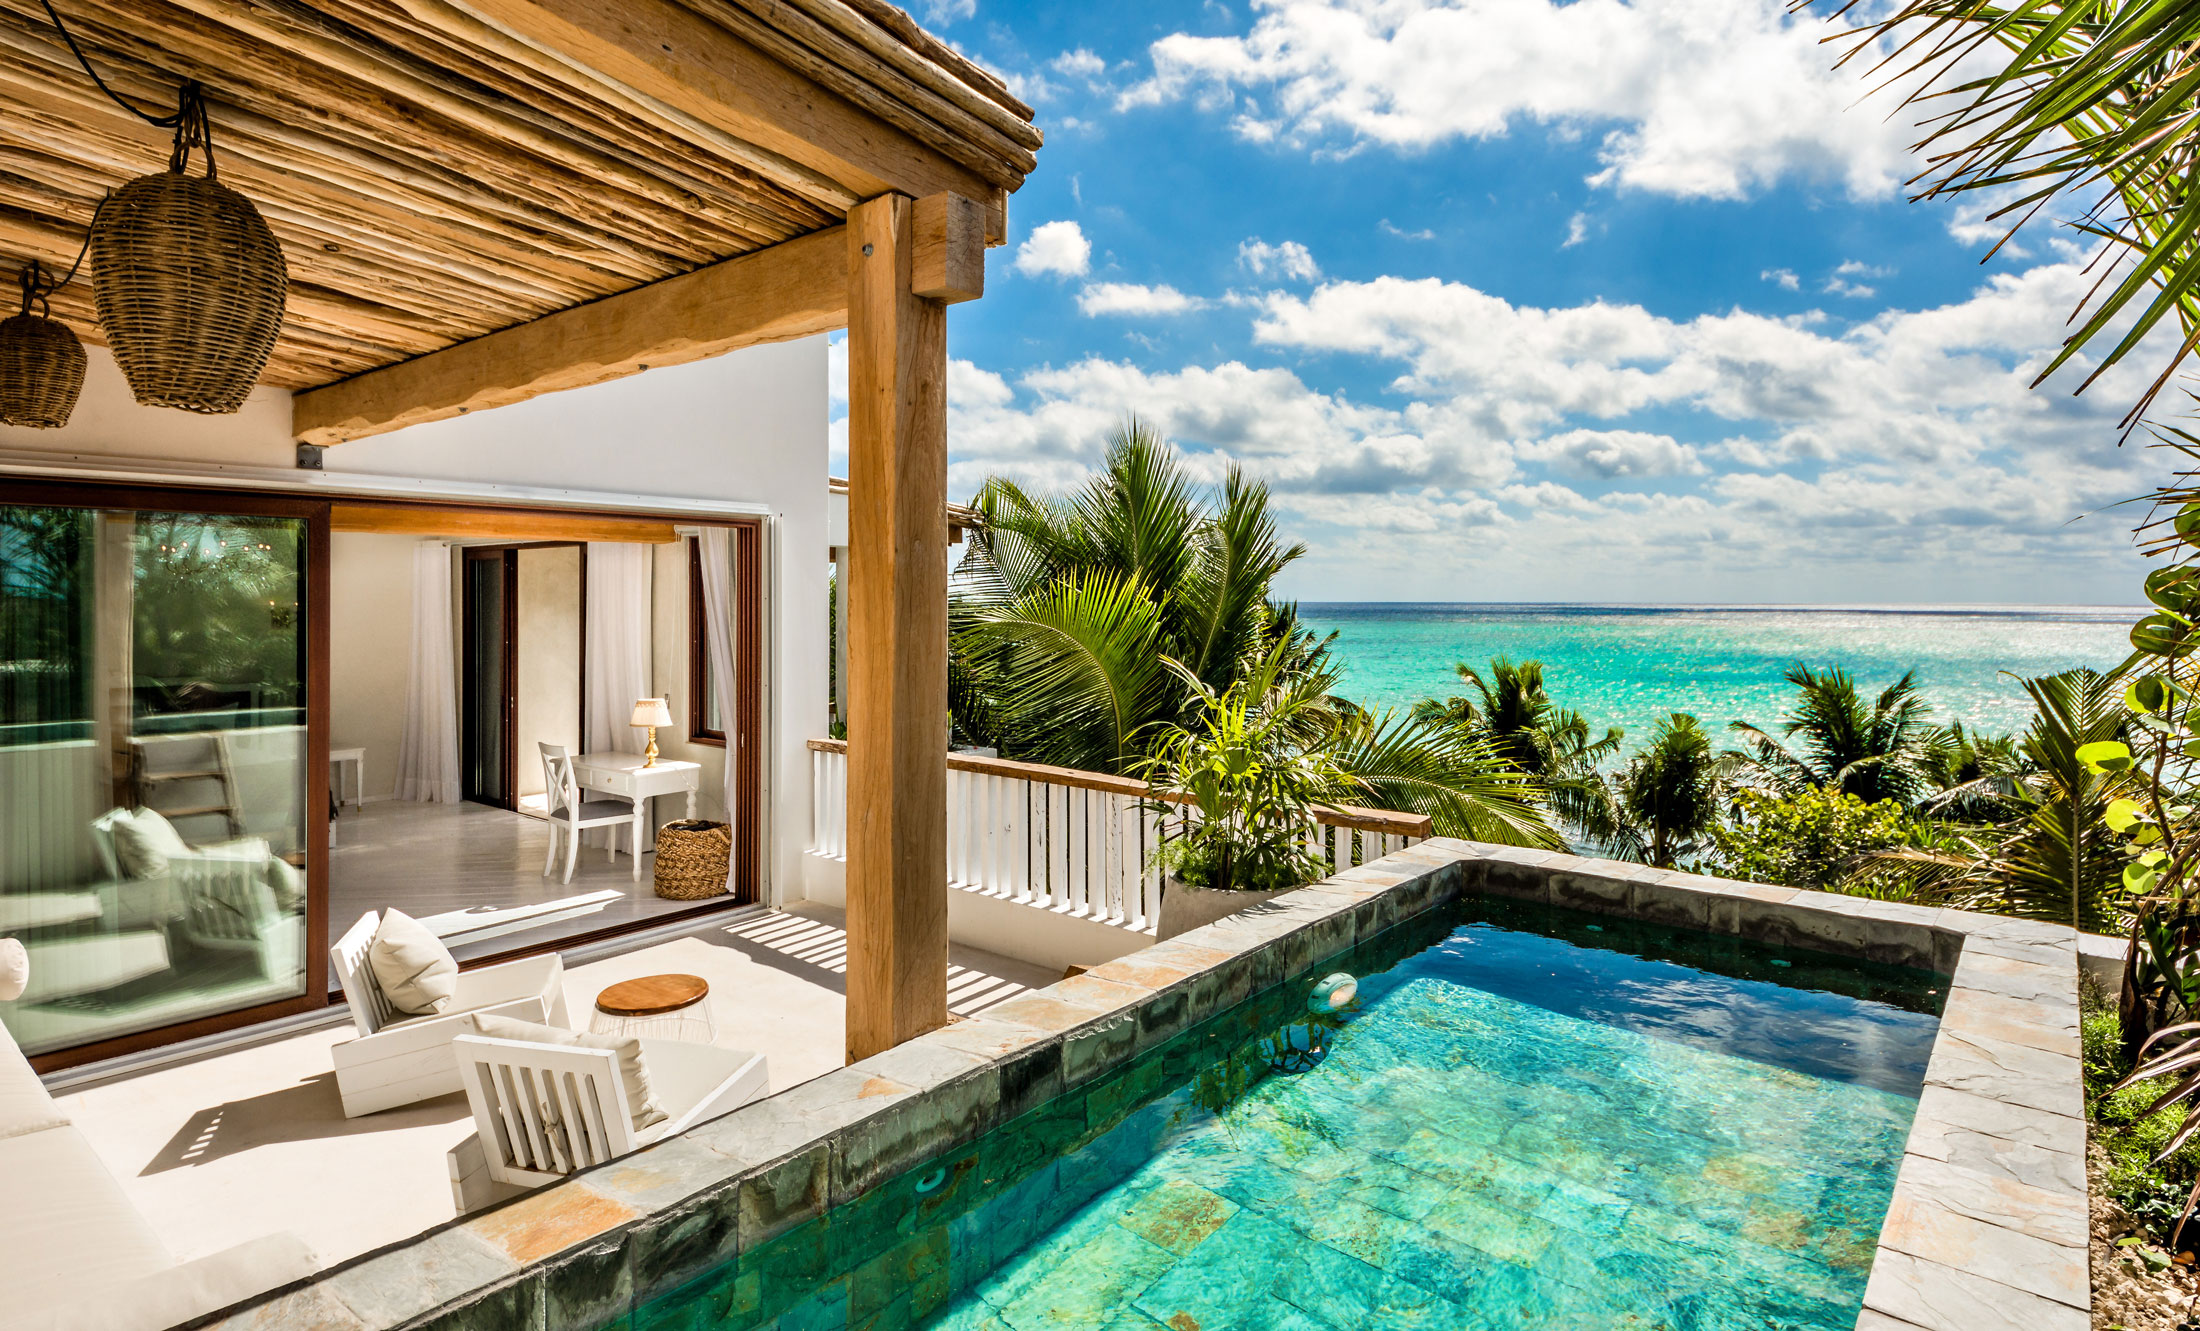 Maya_Luxe_Riviera_Maya_Luxury_Villas_Experiences_Soliman_Bay_Tulum_5_Bedrooms_Villa_La_Semilla_1-1.jpg